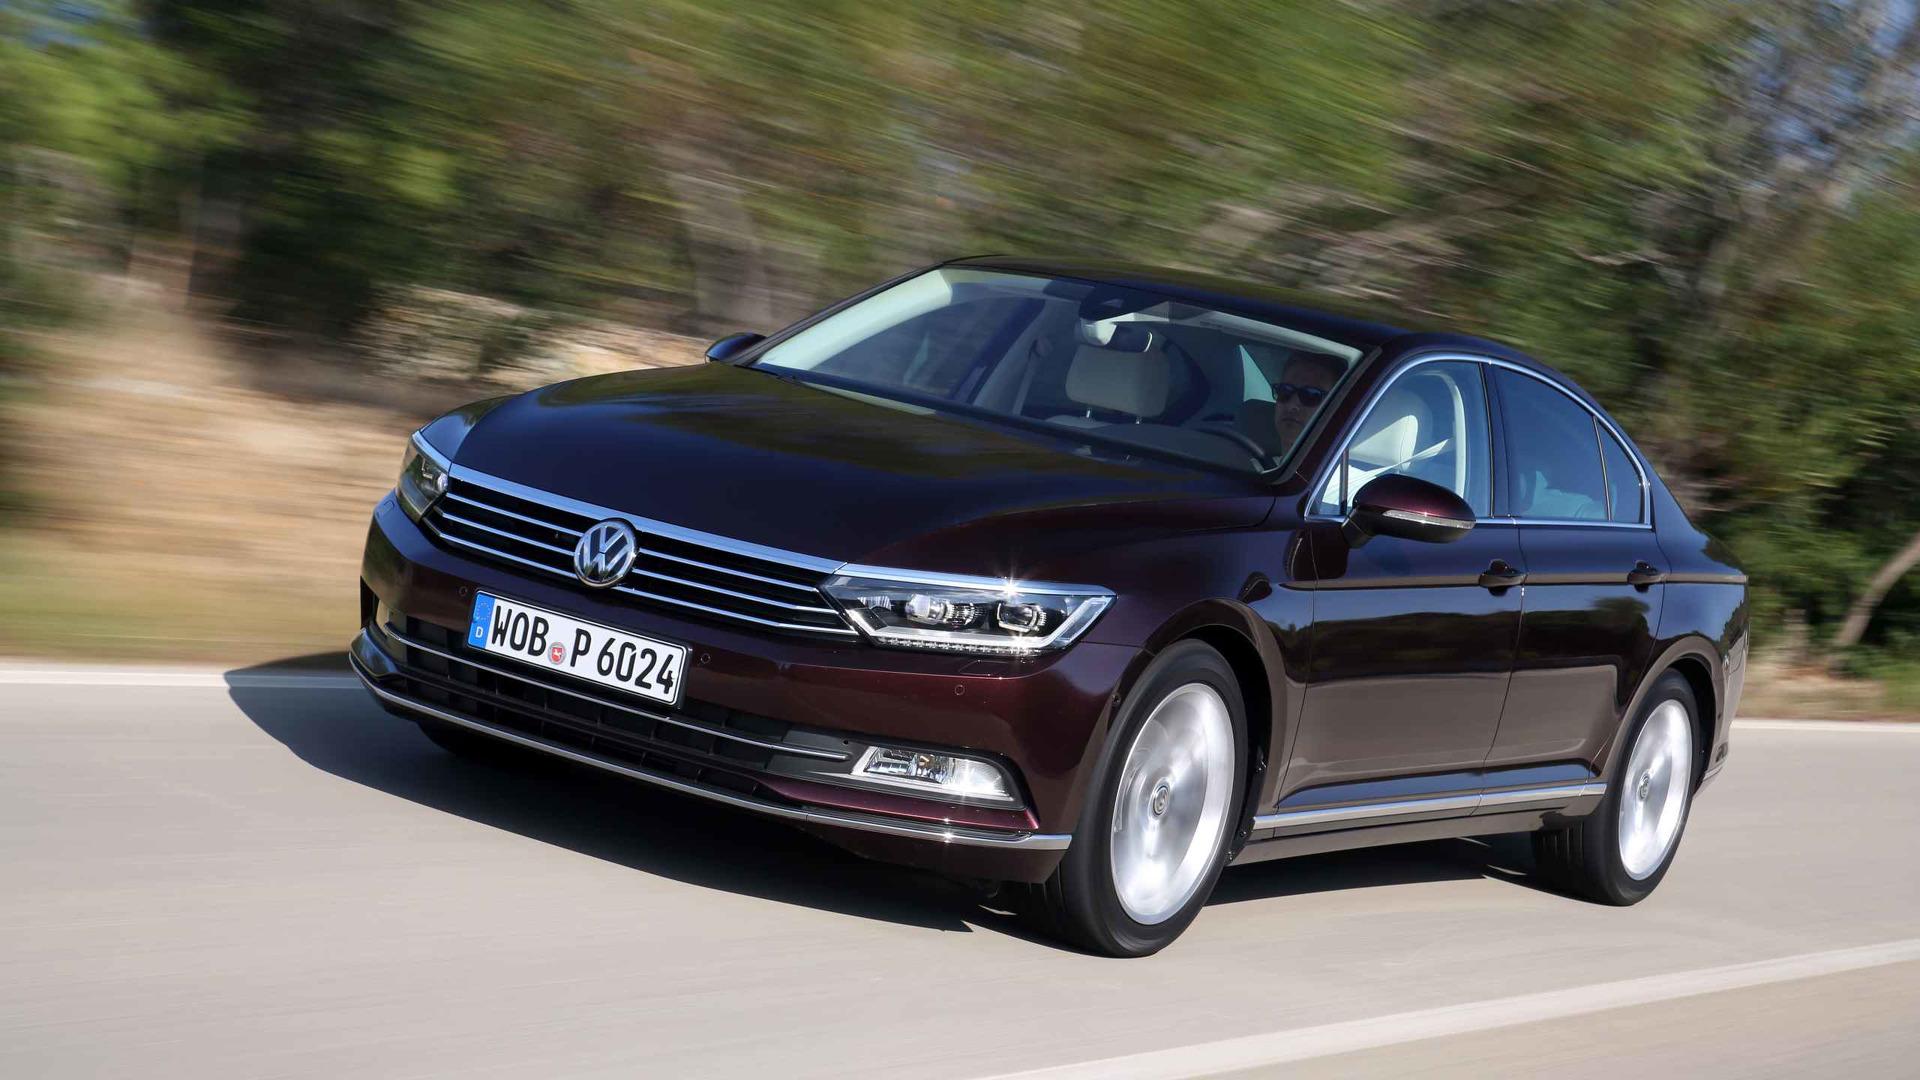 Satılık 2017 model Volkswagen Passat